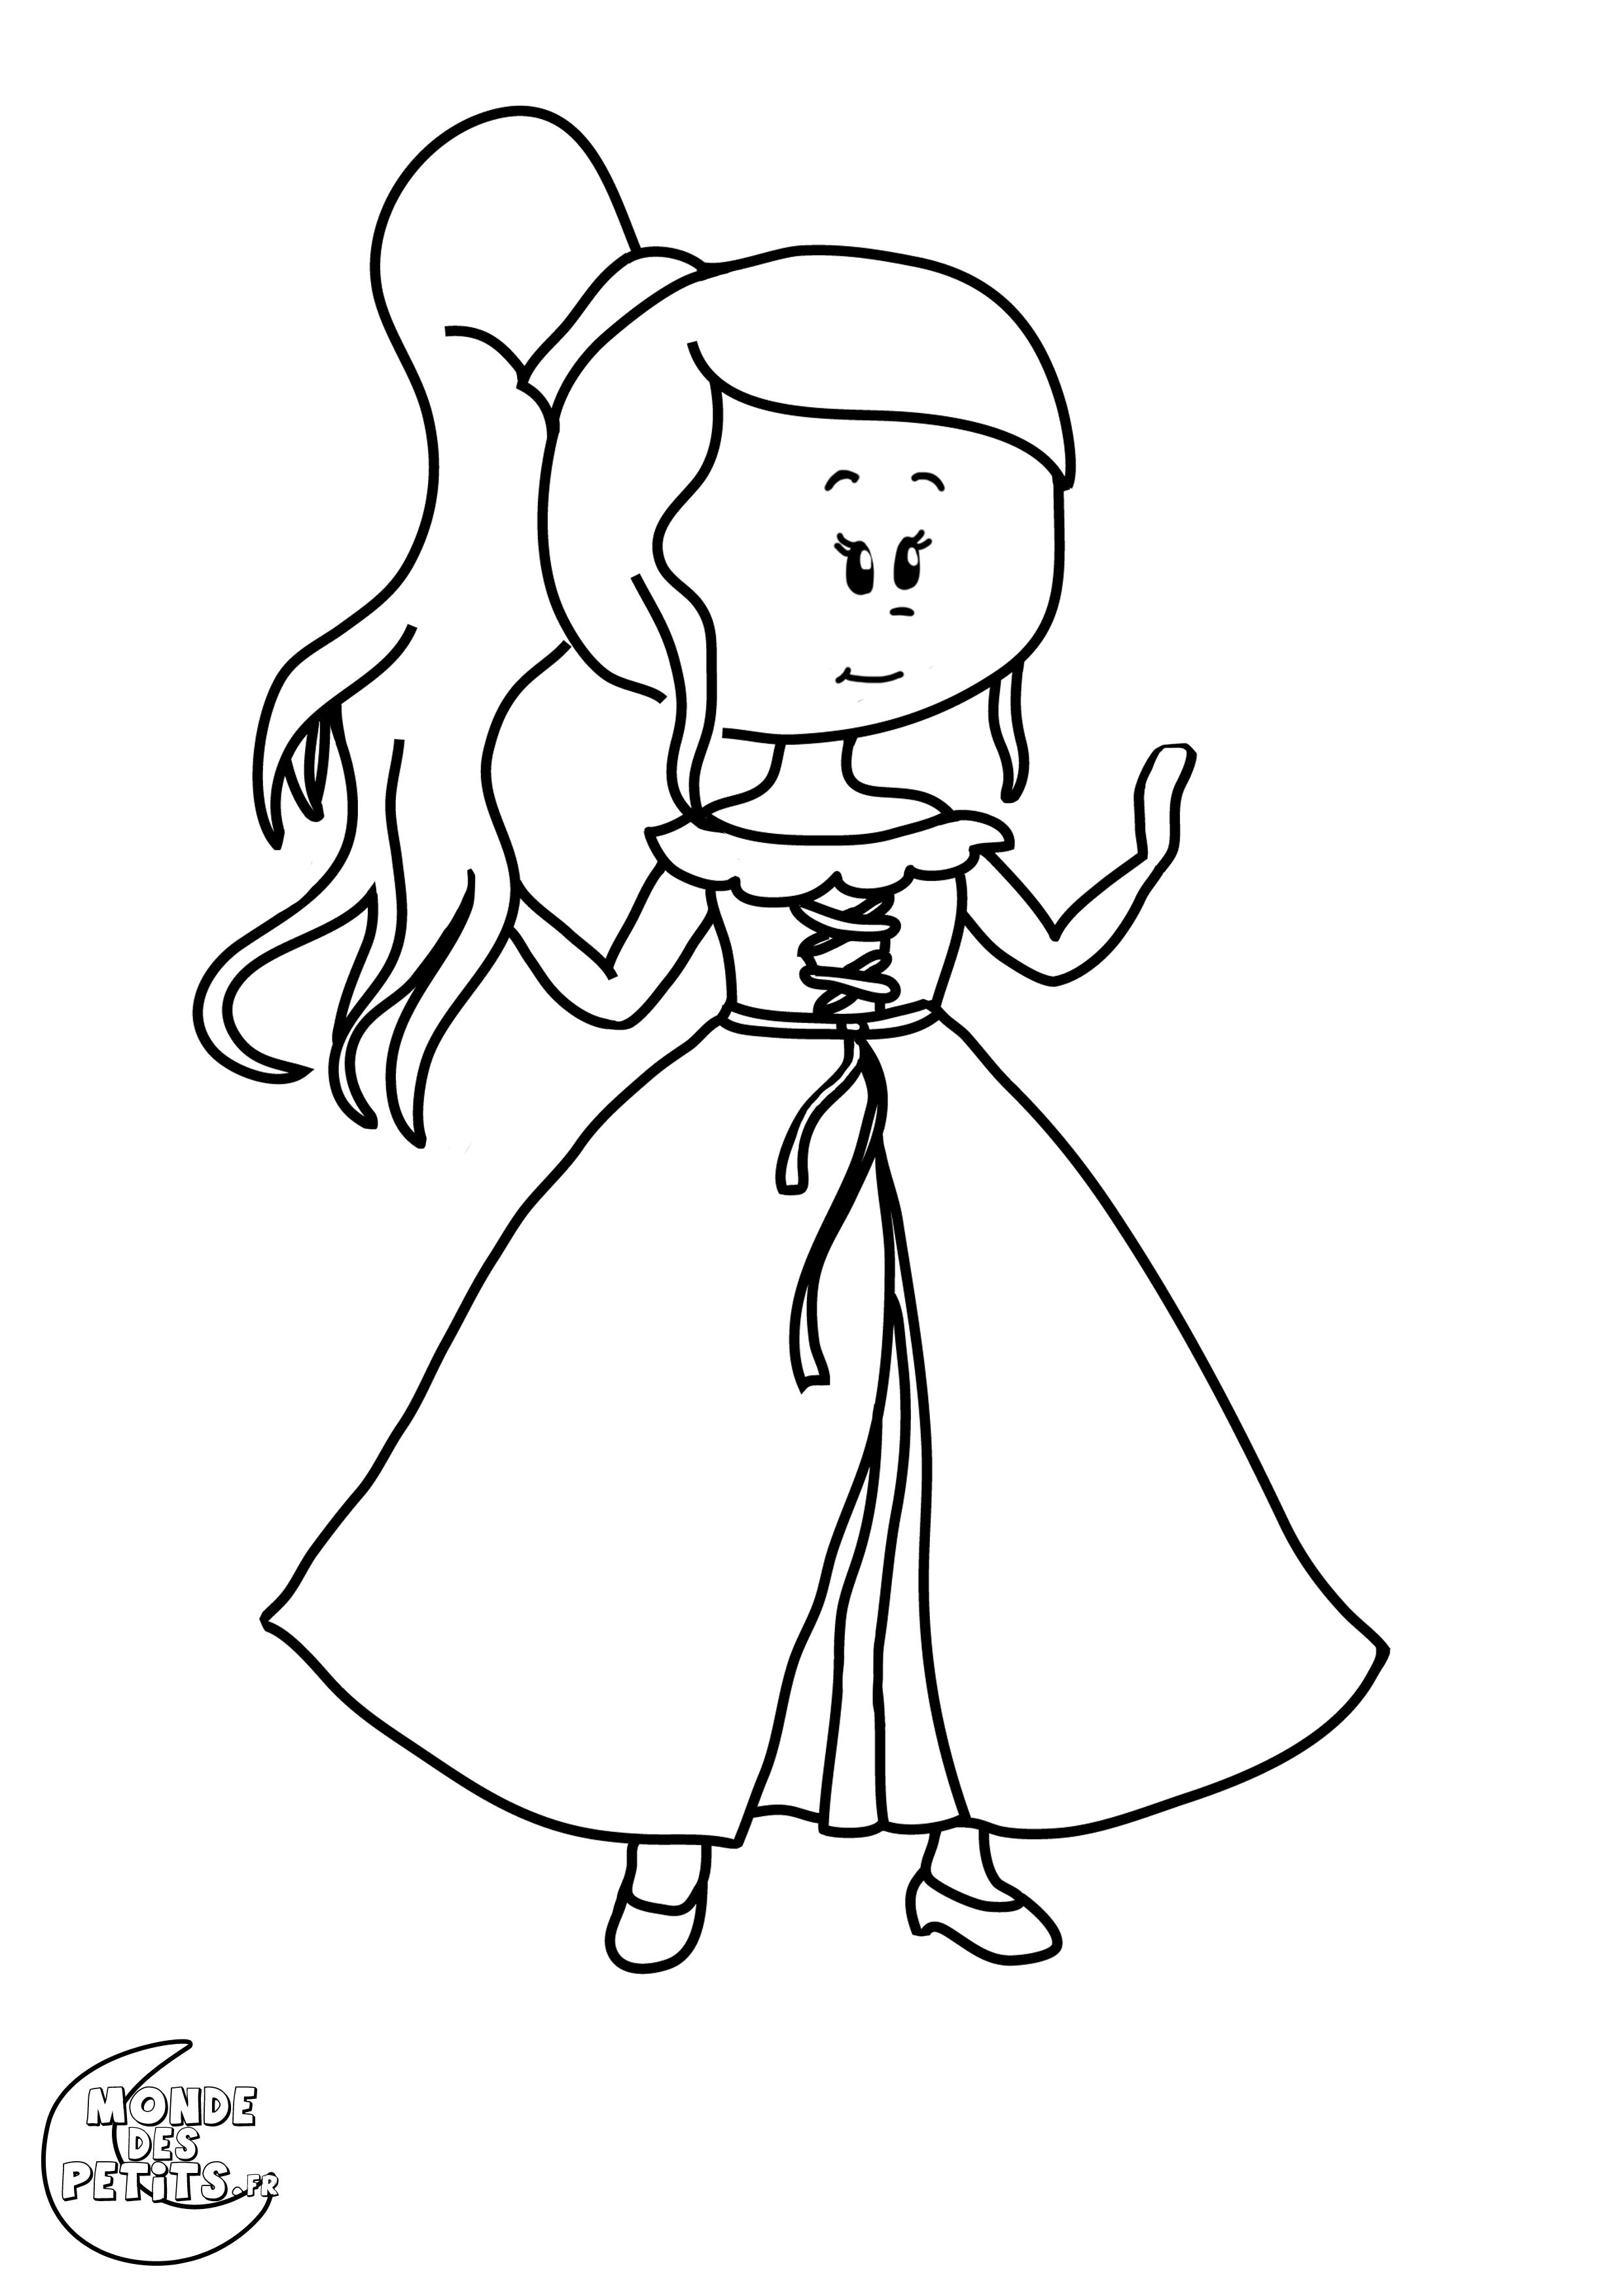 Monde des petits coloriages imprimer - Coloriage de princesse en ligne ...